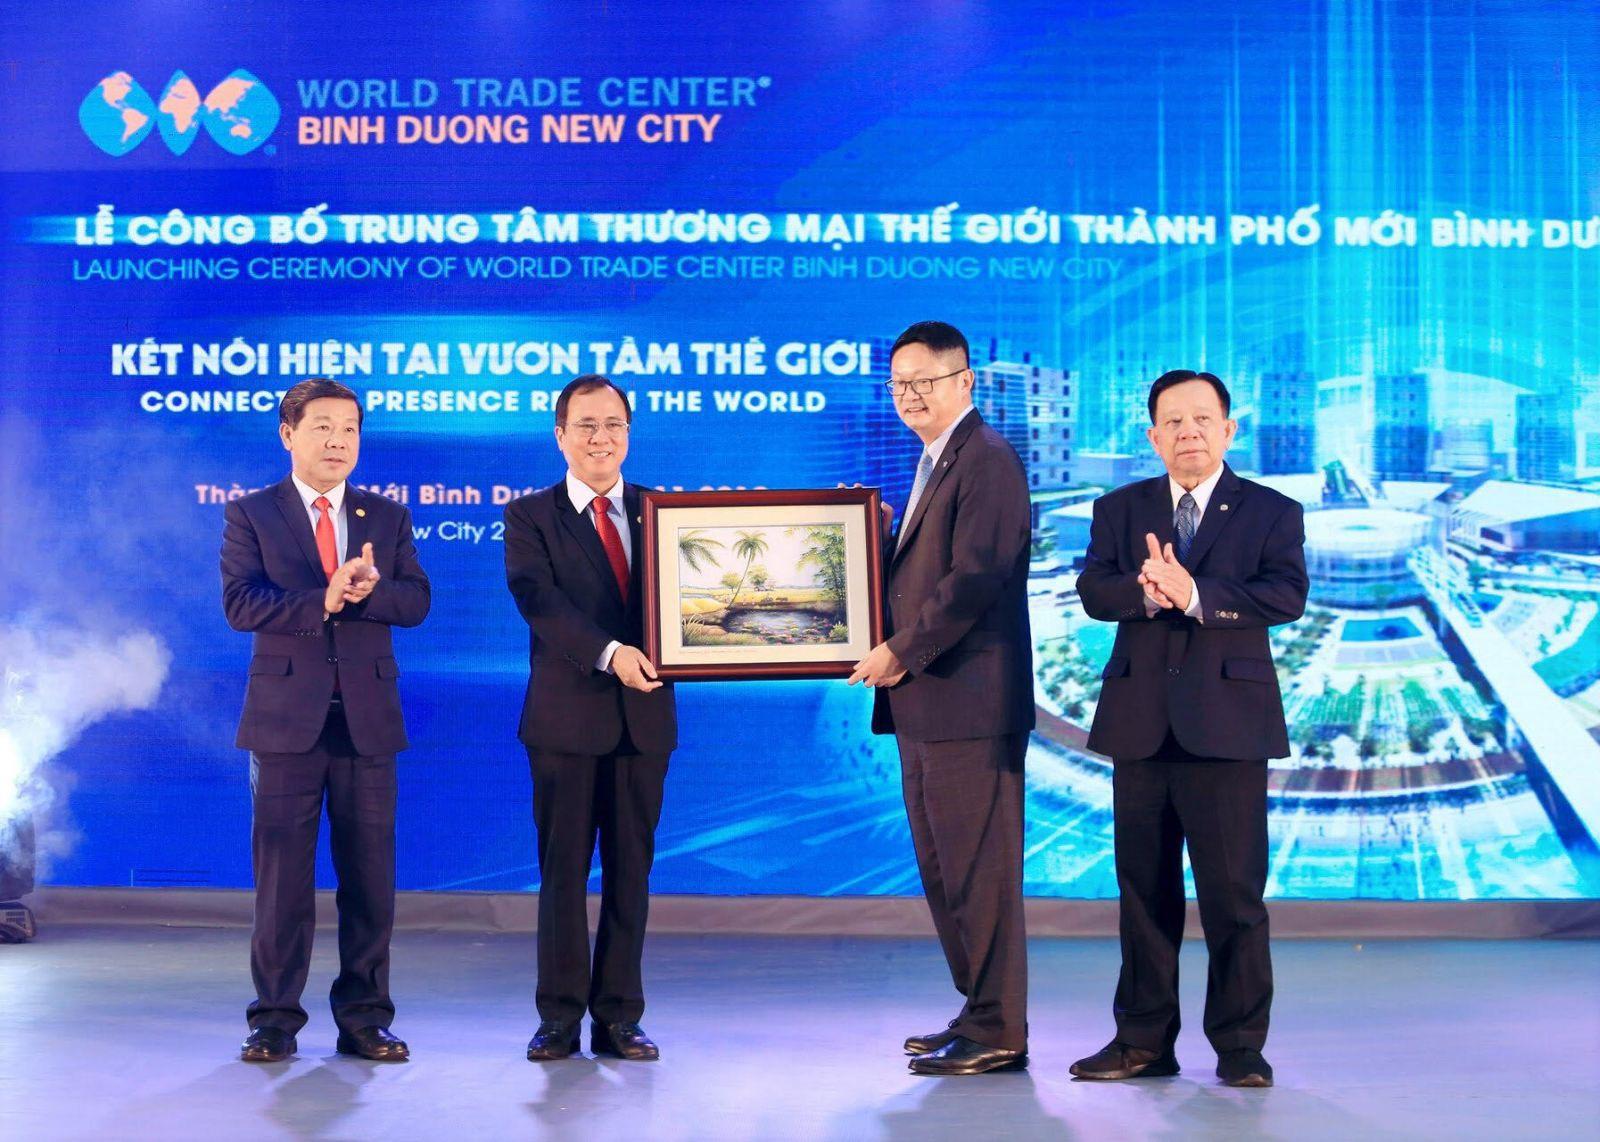 Lãnh đạo tỉnh Bình Dương và Lãnh đạo Becamex trao quà lưu niệm cho Ông Scott Wang - Phó chủ tịch WTCA - Phụ trách thị trường Châu Á Thái Bình Dương tại Lễ công bố WTC BDNC